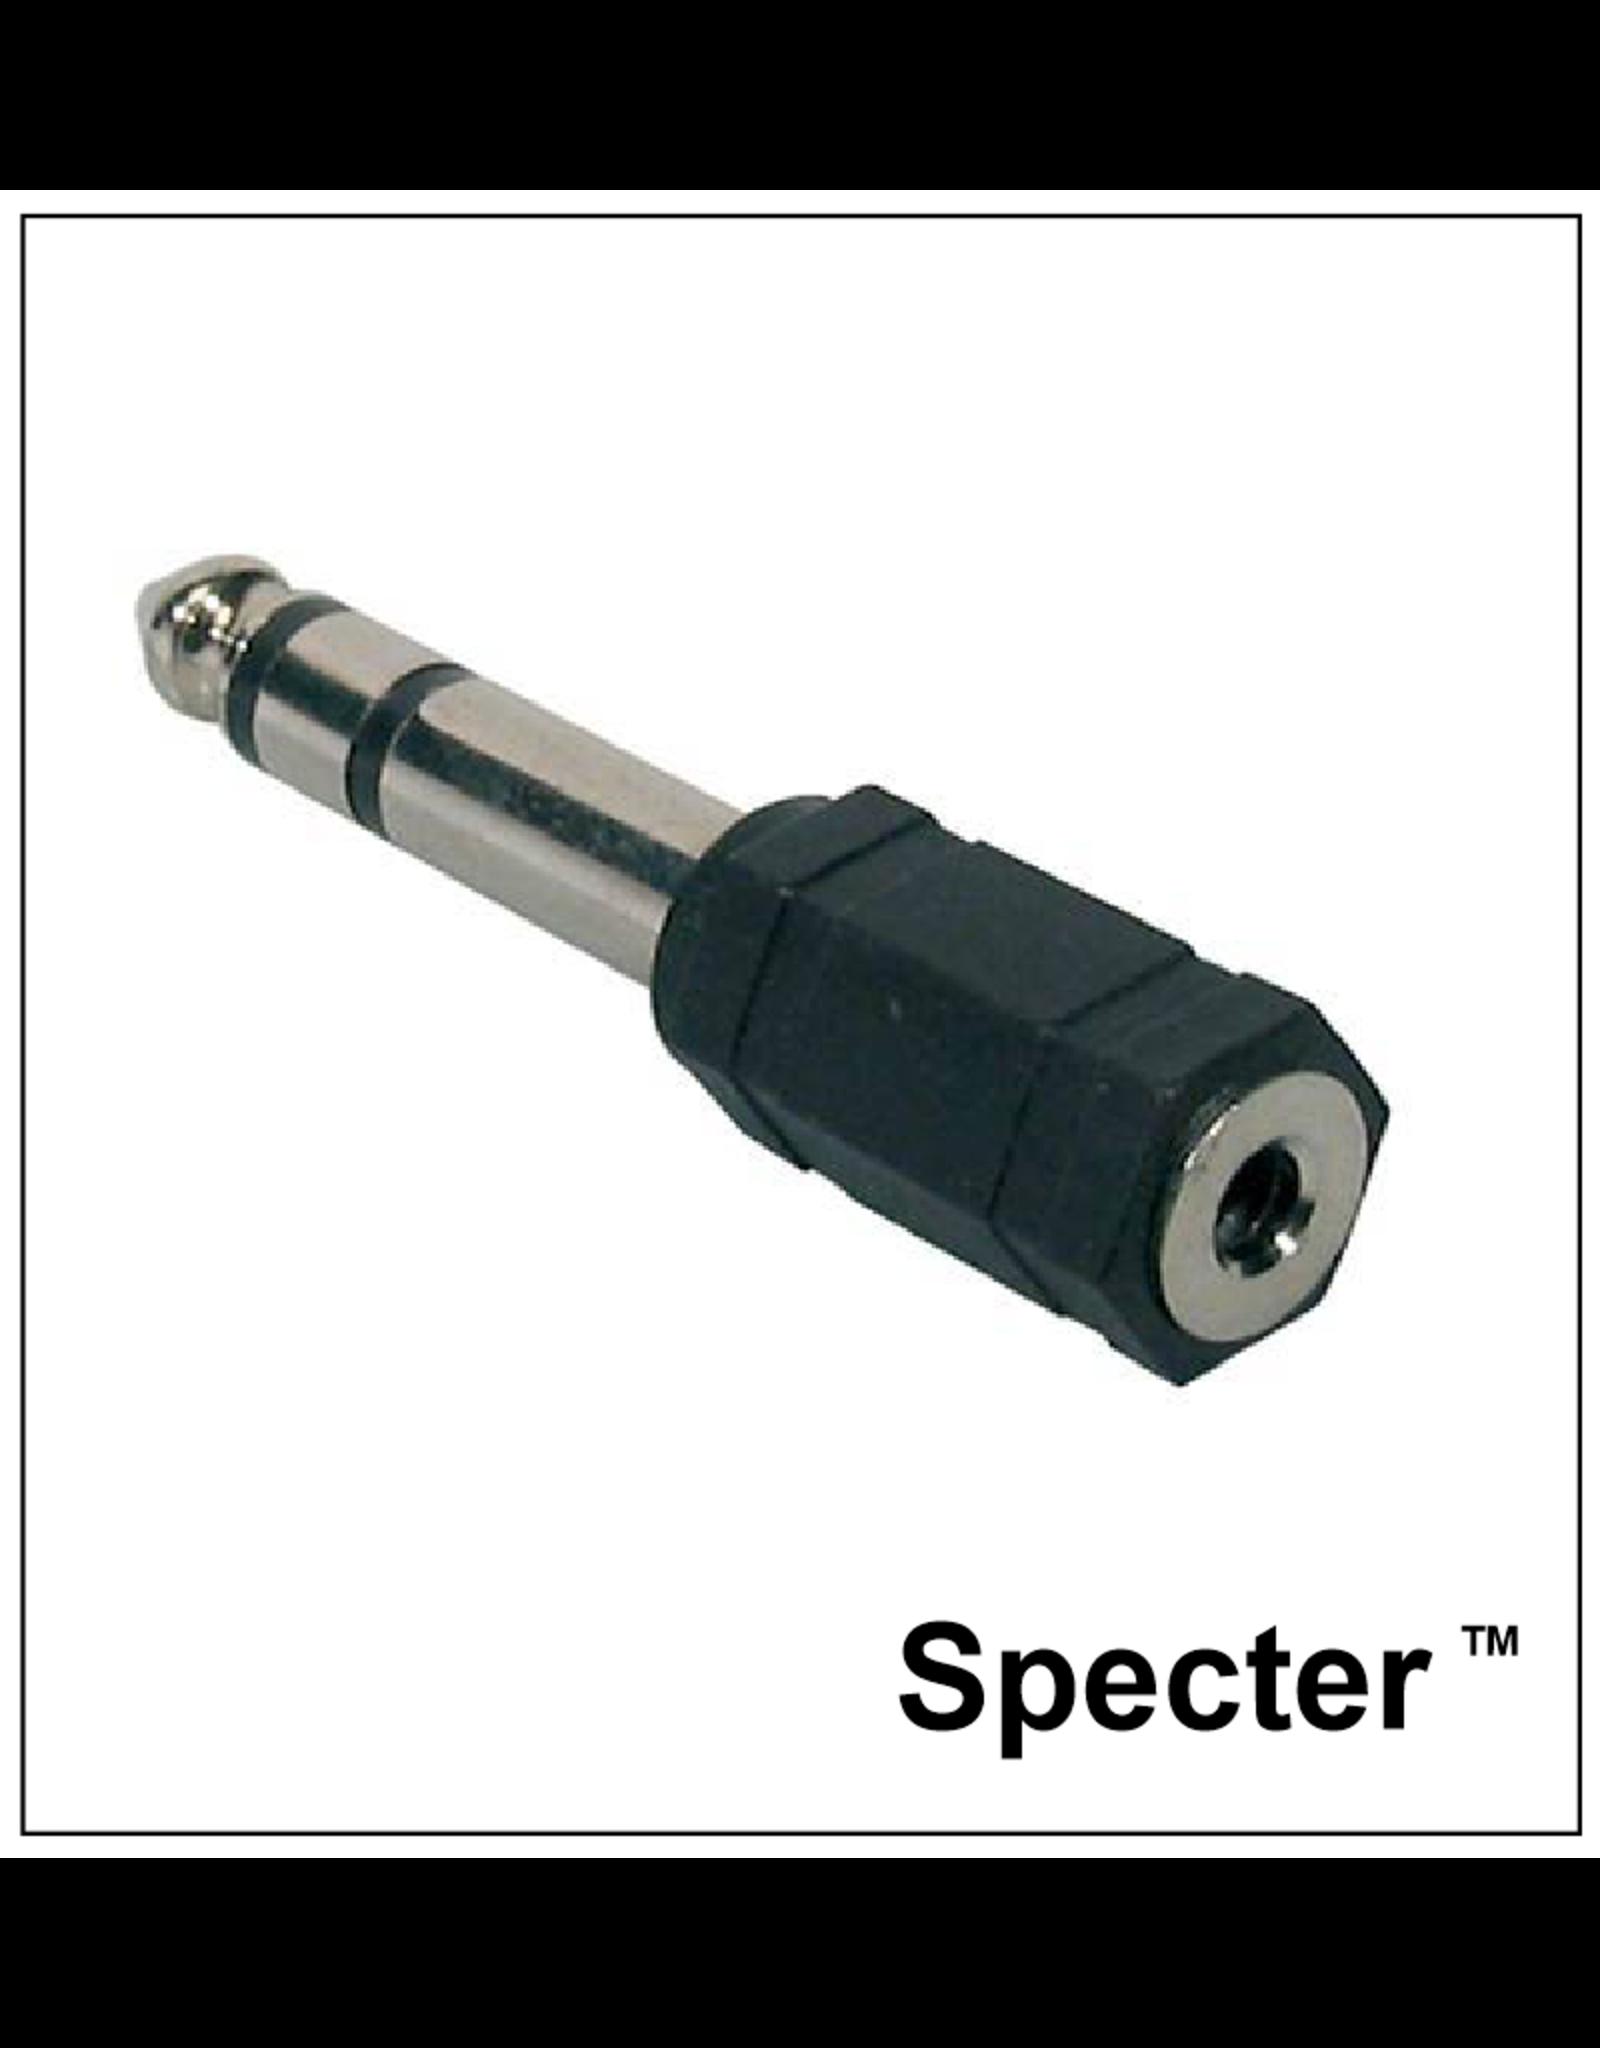 specter Specter Verloopplug van Mini Jack naar Grote Jack 6.3mm